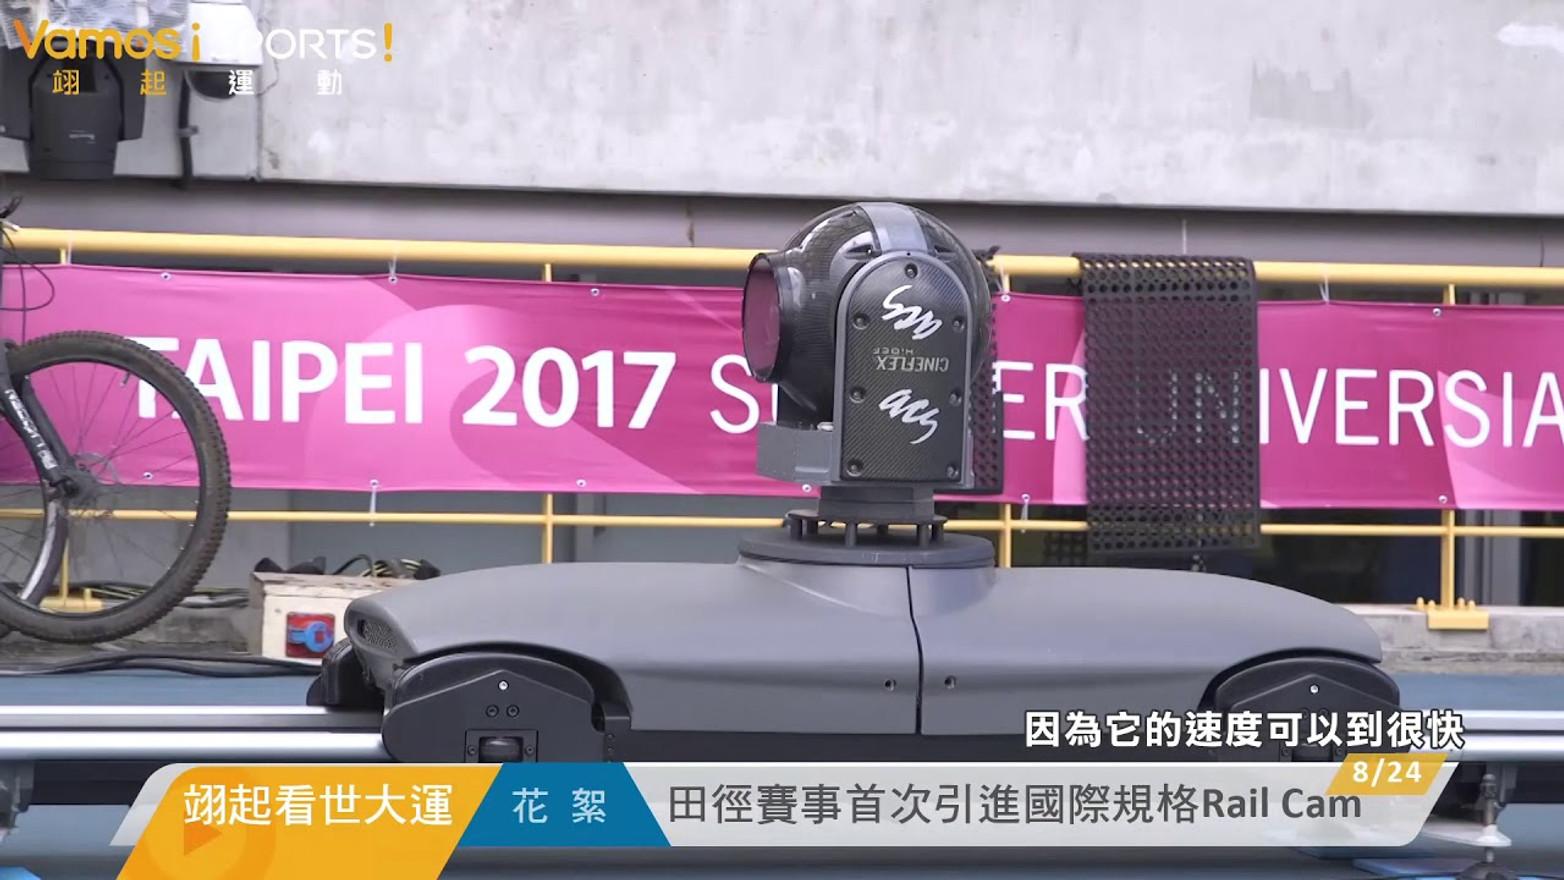 29th 2017 Taipei Universiade